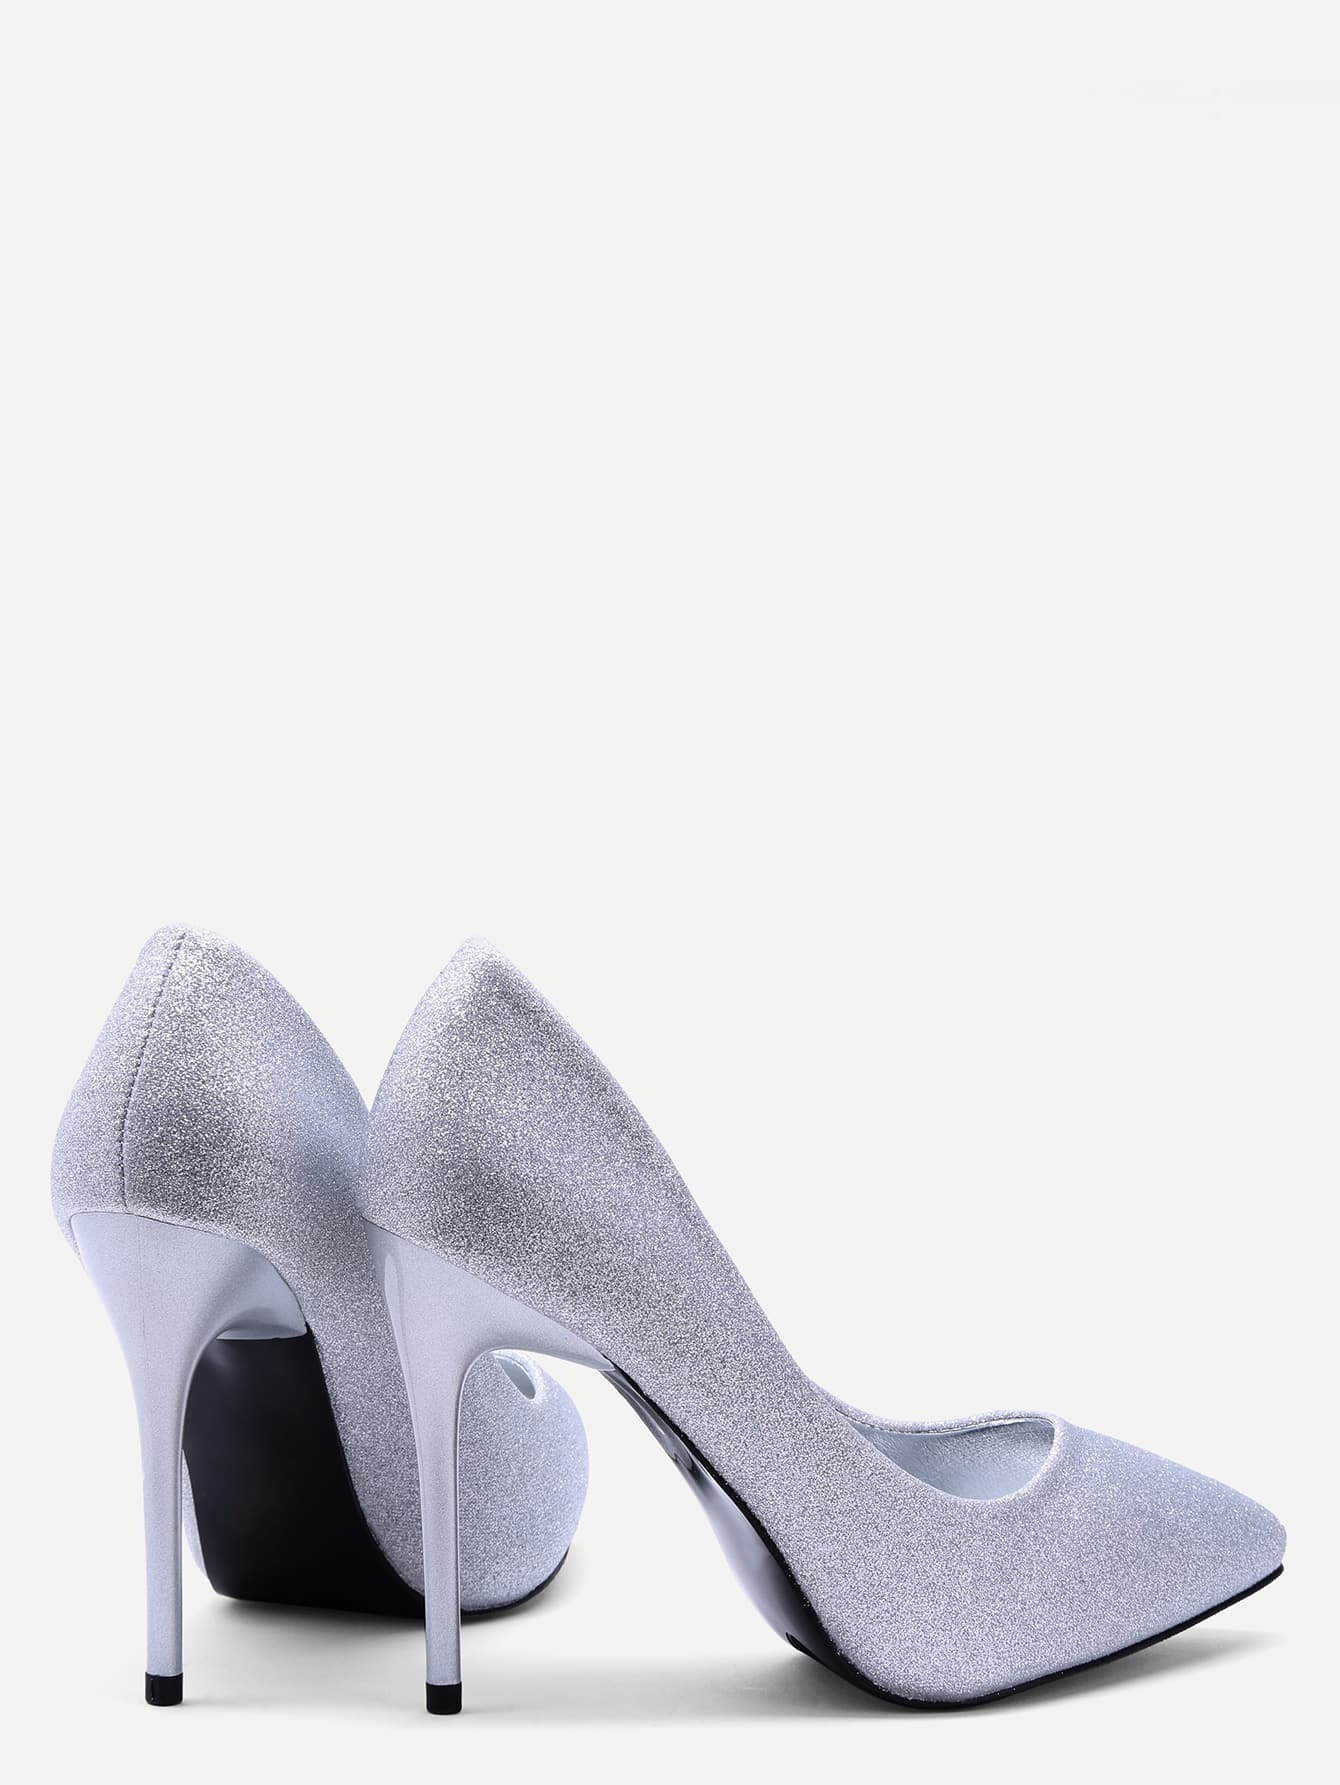 shoes161207806_2